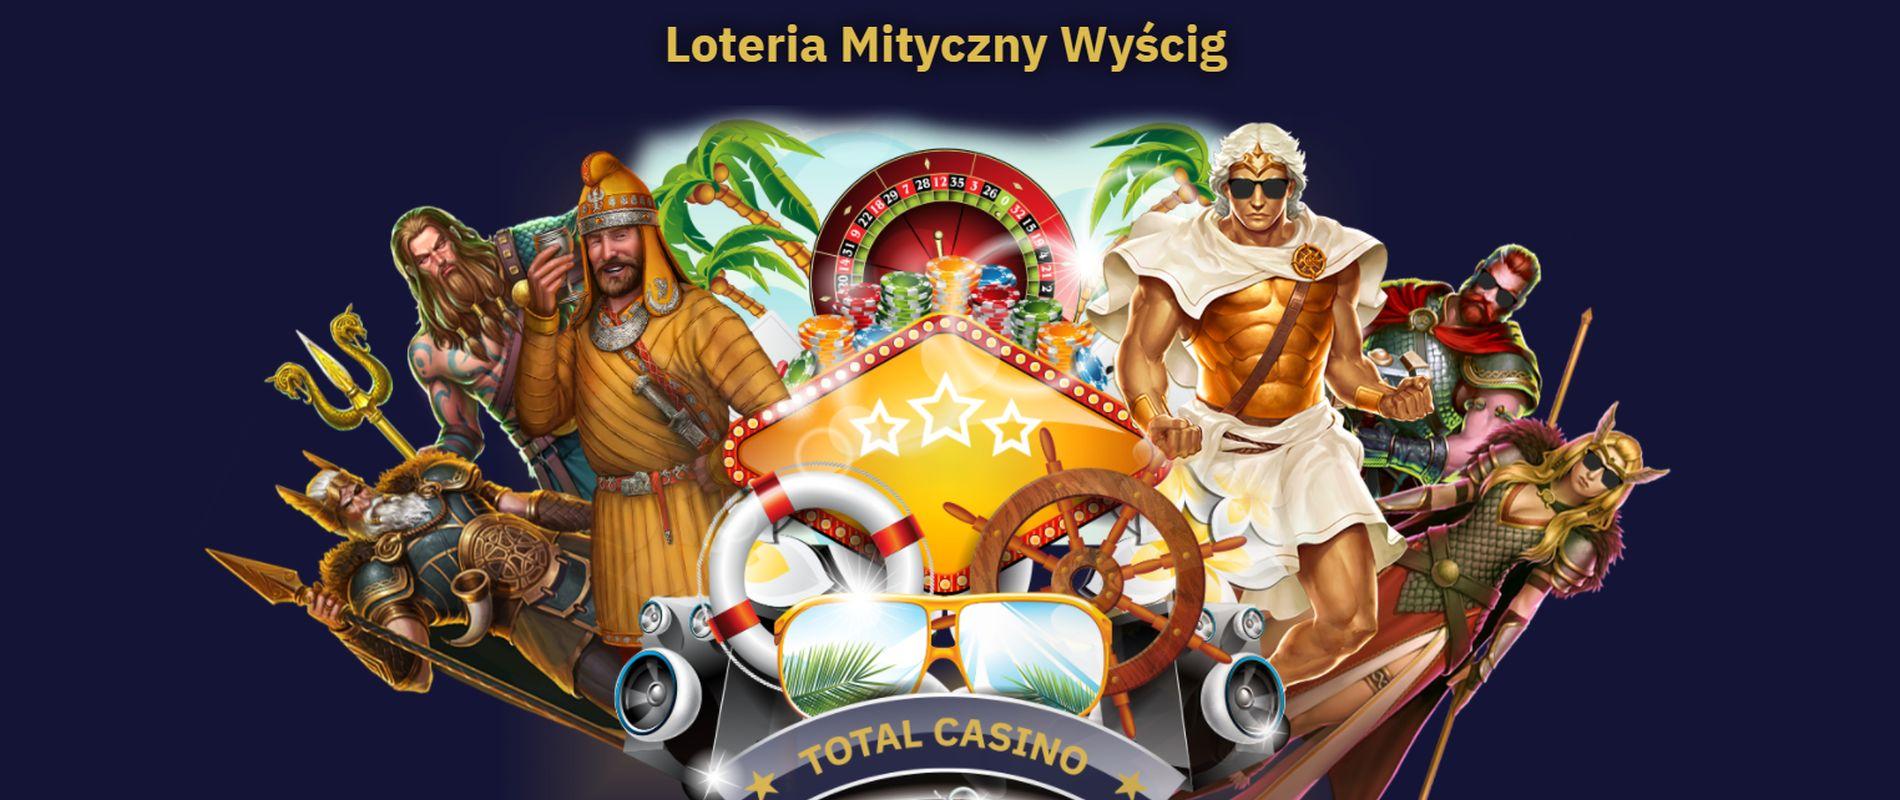 Loteria Mityczny Wyścig